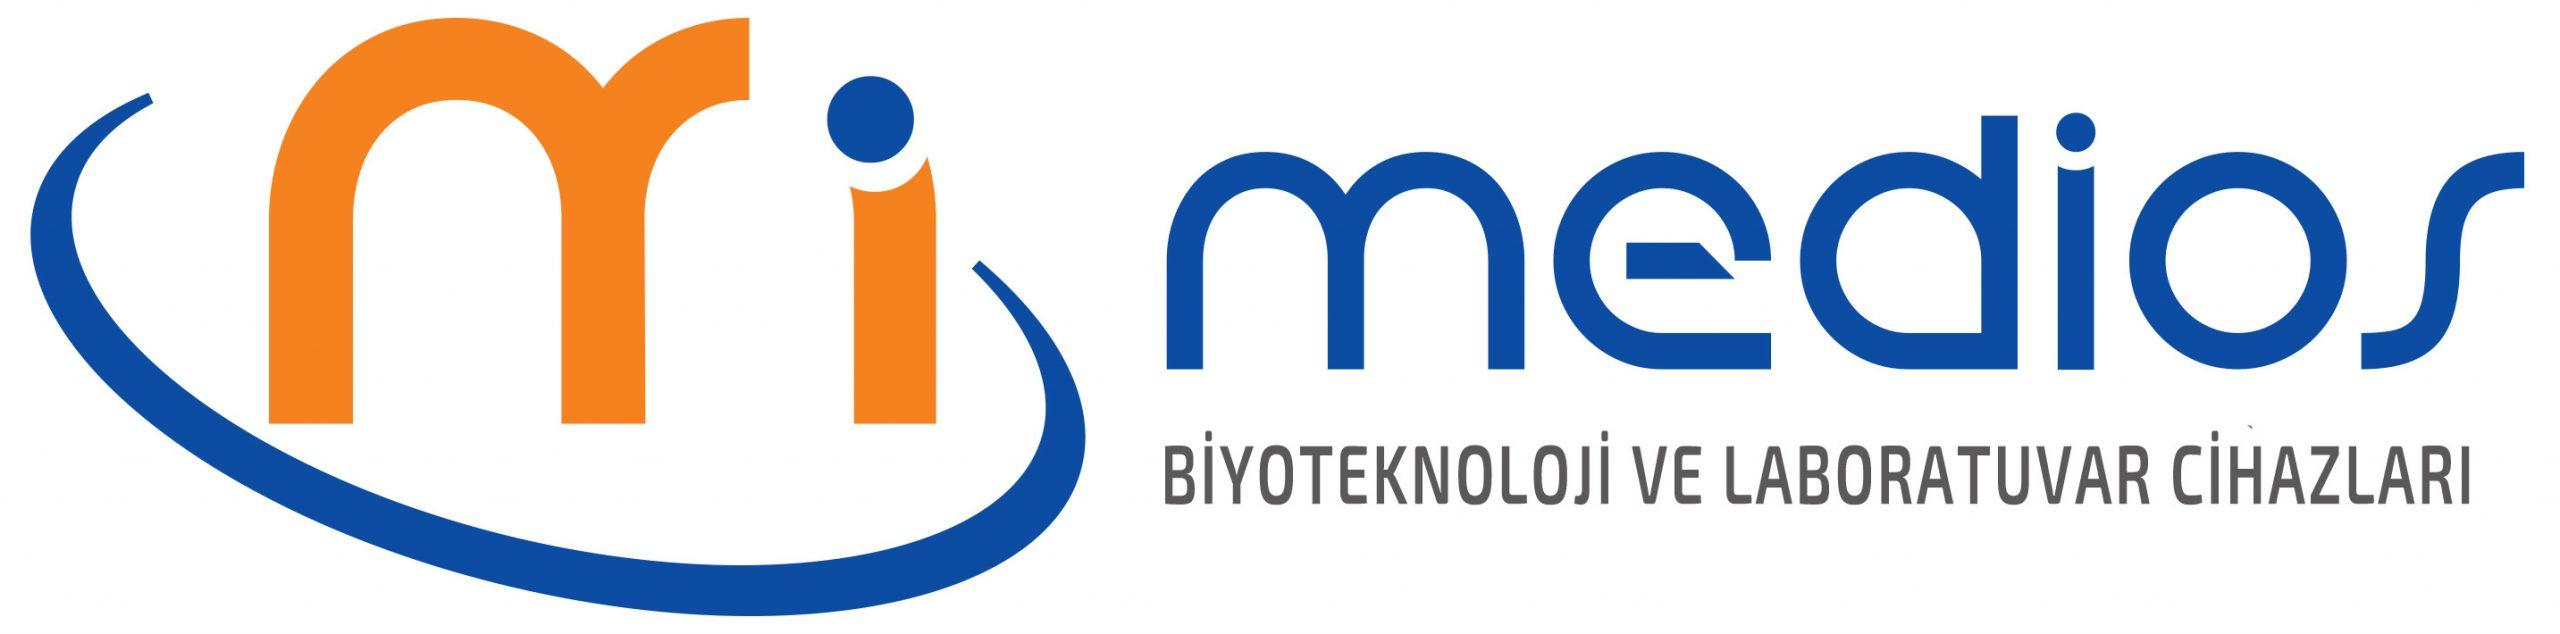 Medios Medikal Bilişim Danışmanlık Tic. Ltd. Şti.